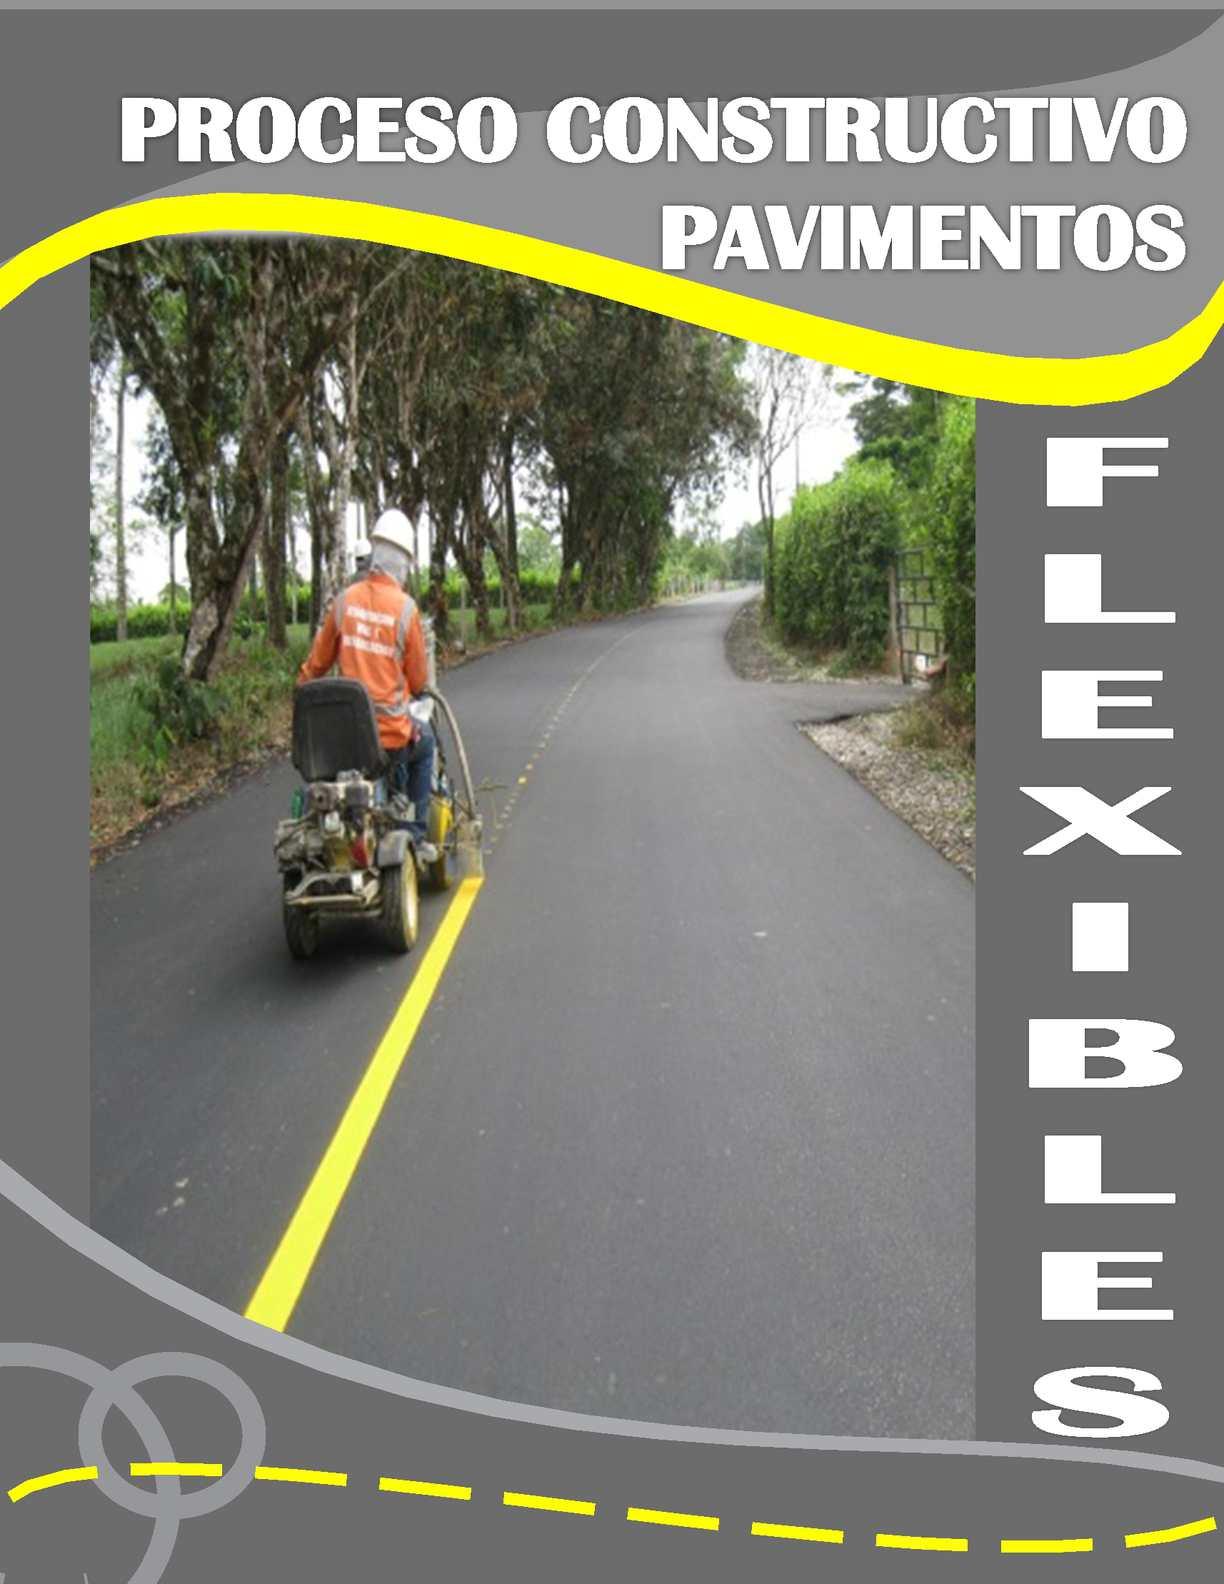 proceso constructivo pavimentos flexibles